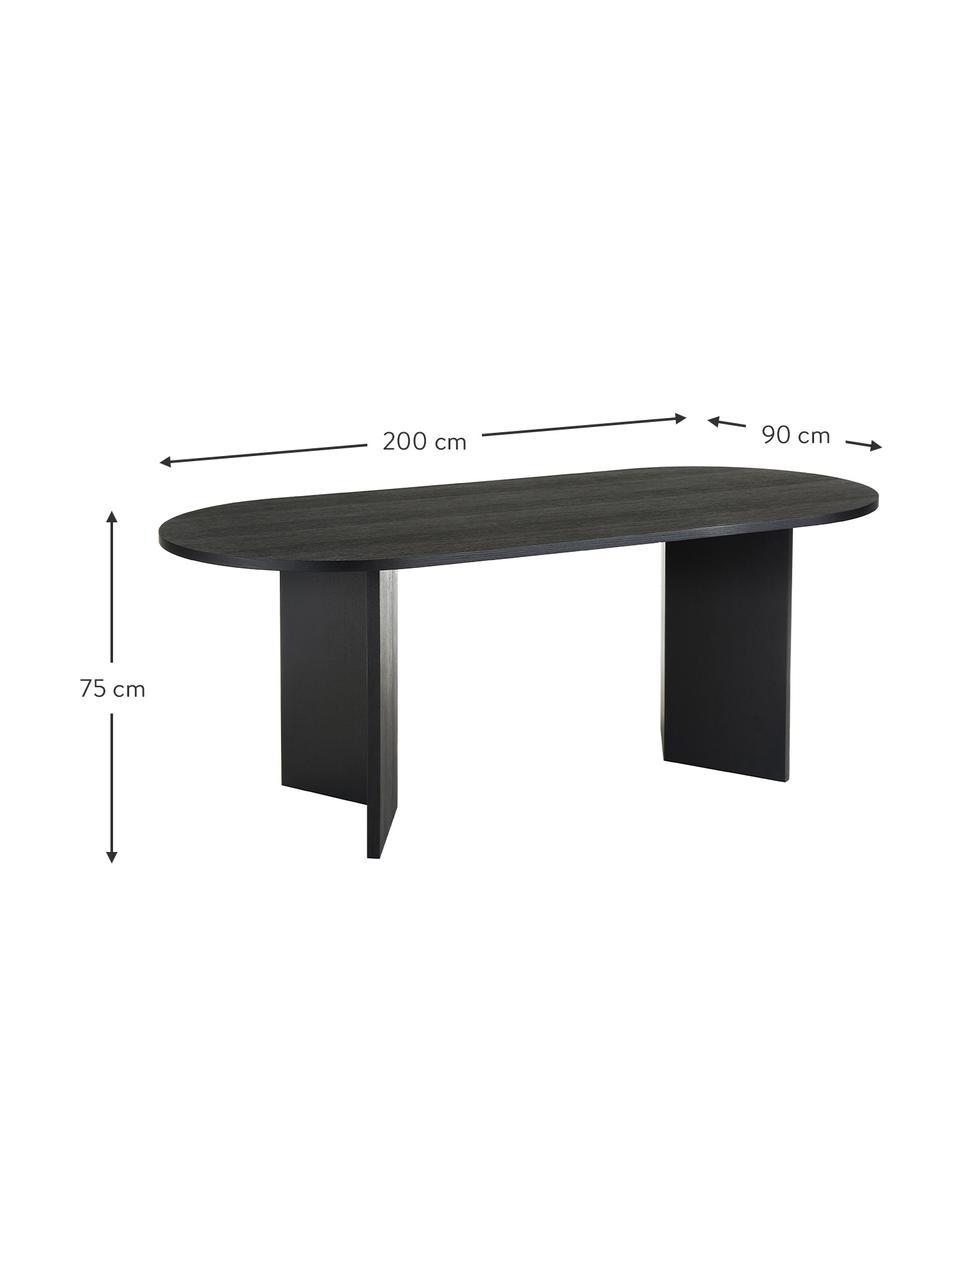 Eettafel Toni, MDF met gelakt eikenhoutfineer, Zwart gelakt eikenhoutfineer, 200 x 90 cm